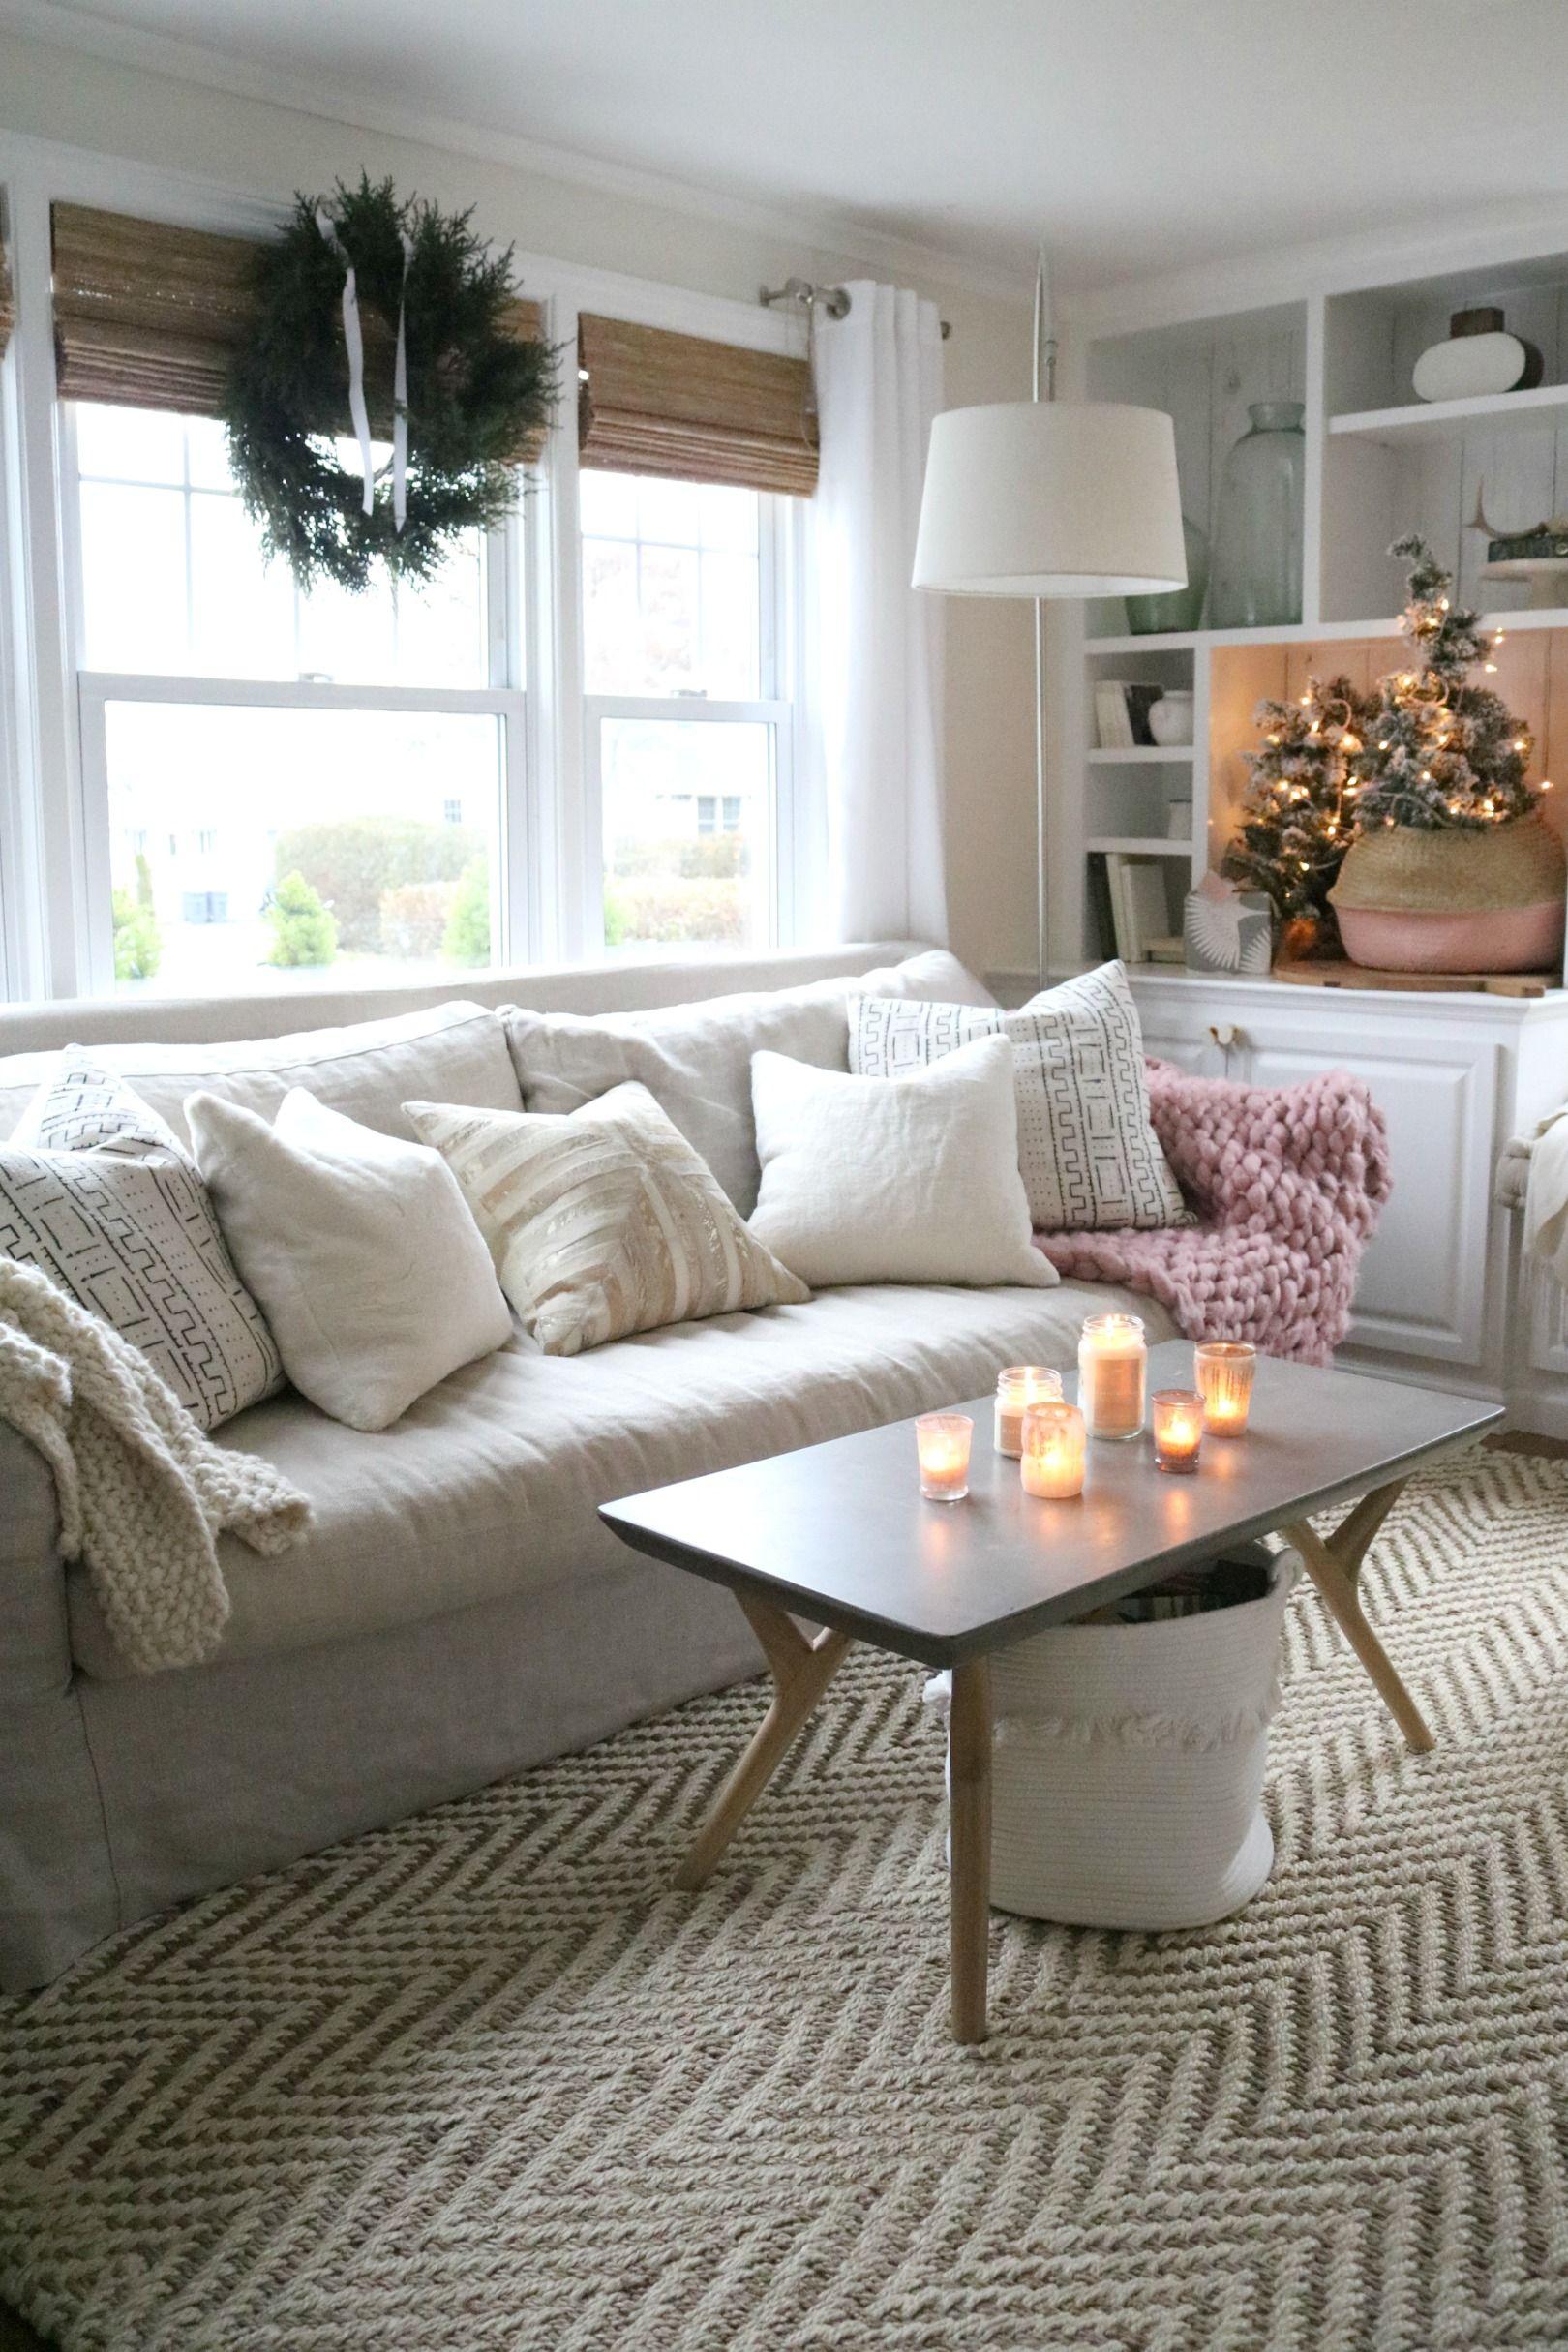 How to Create a Very Merry Hygge Christmas | Wohnzimmer, Deko und ...